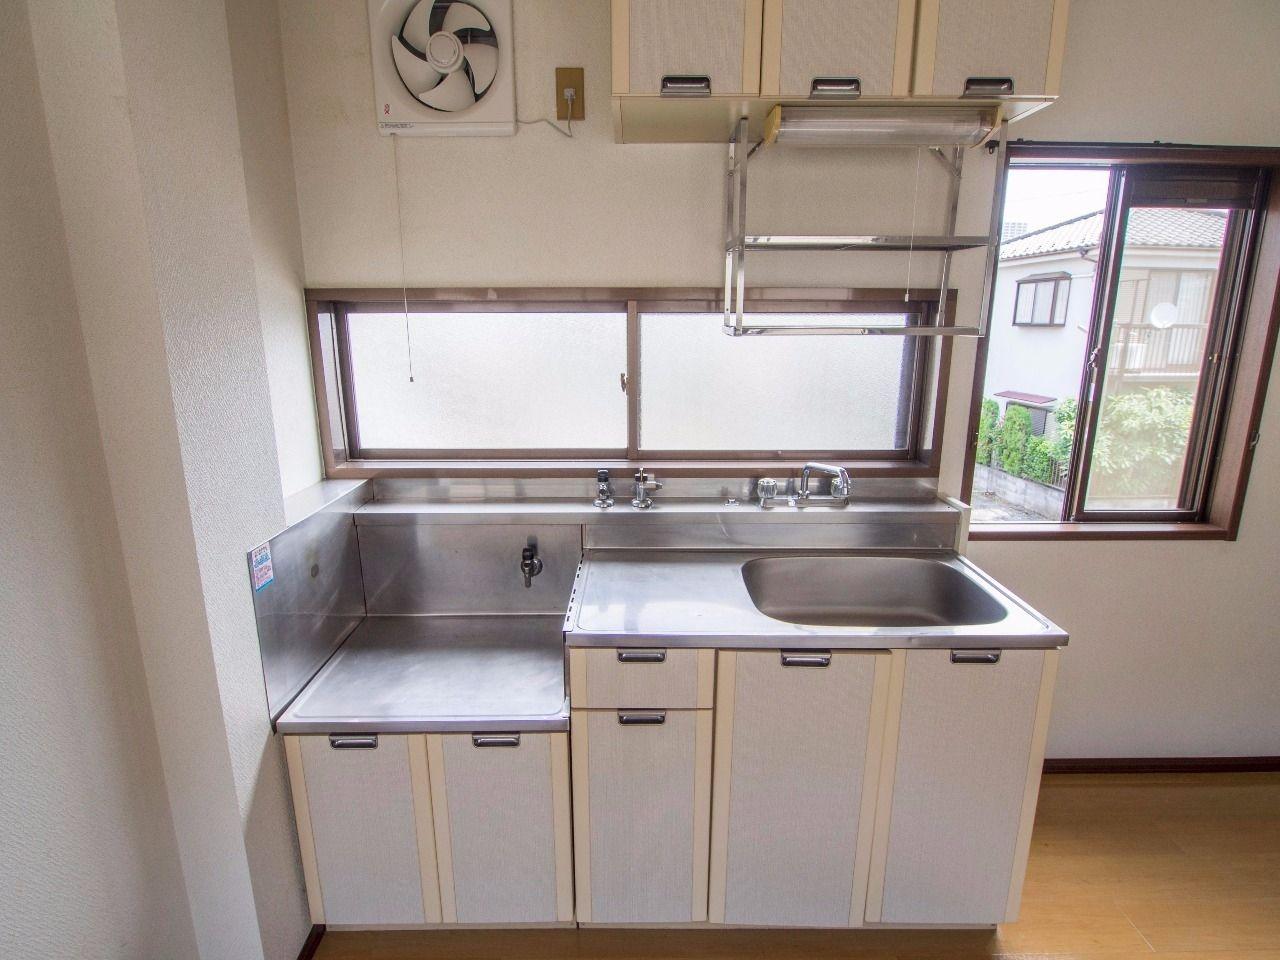 ワンルームには珍しい2口ガスコンロ対応キッチン